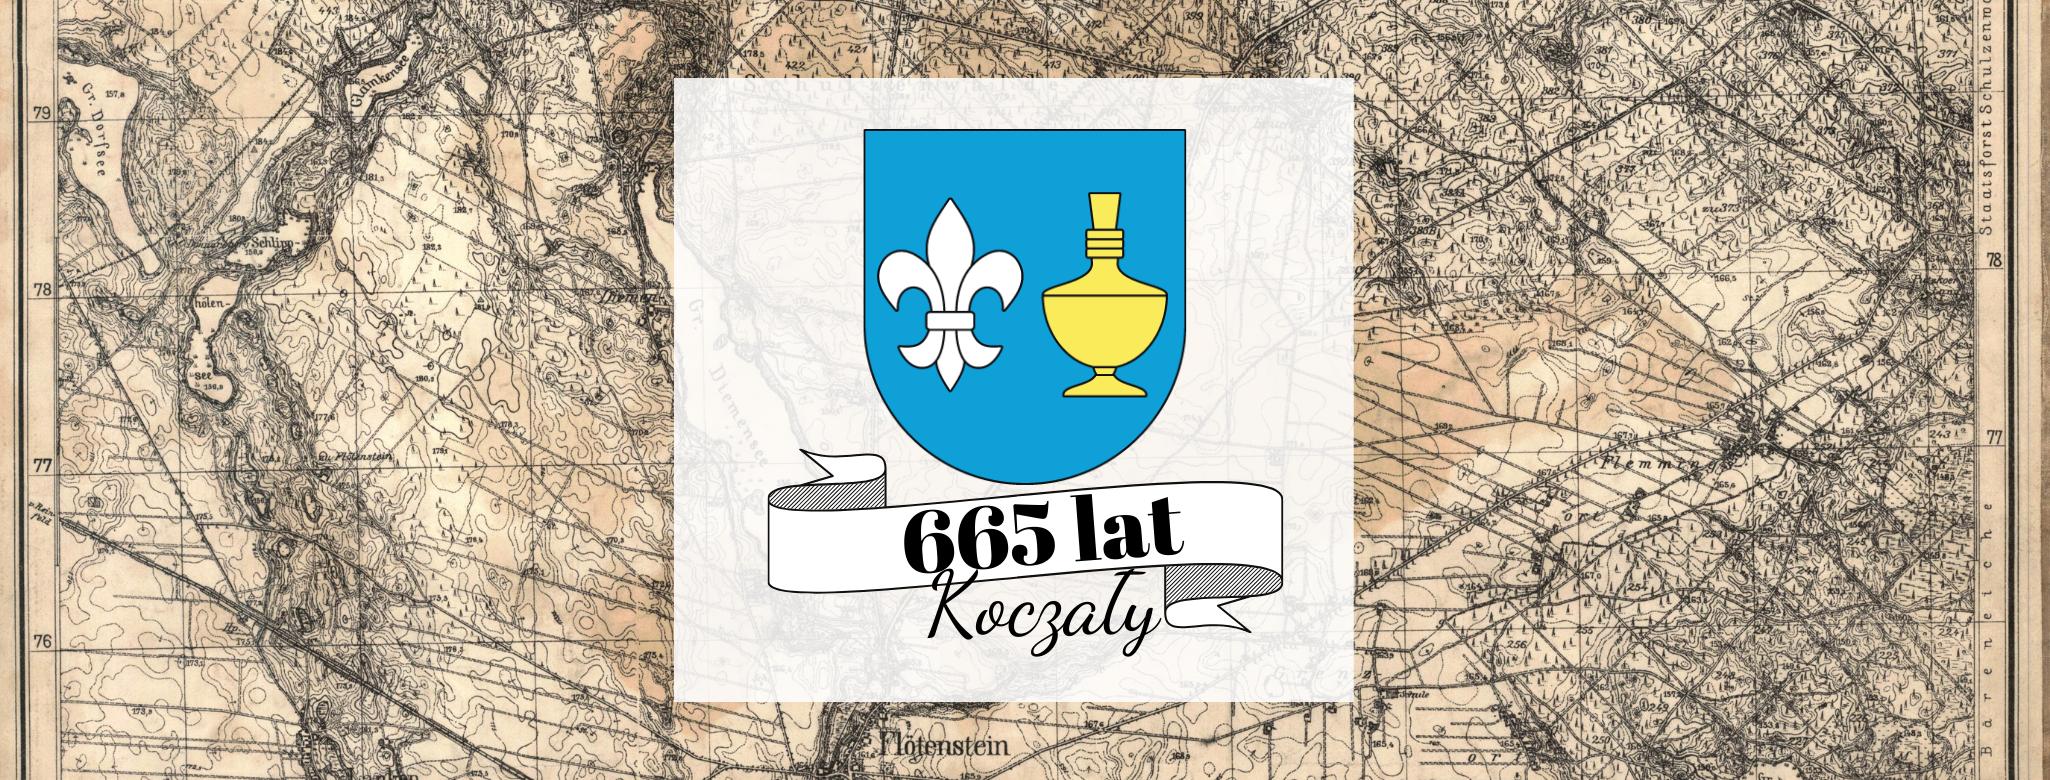 Nagłówek graficzny o treści: 665 lat Koczały. Grafiki: herb Gminy Koczała przedstawiający lilię i balsaminkę. W tle stara mapa gminy Koczała i okolic.